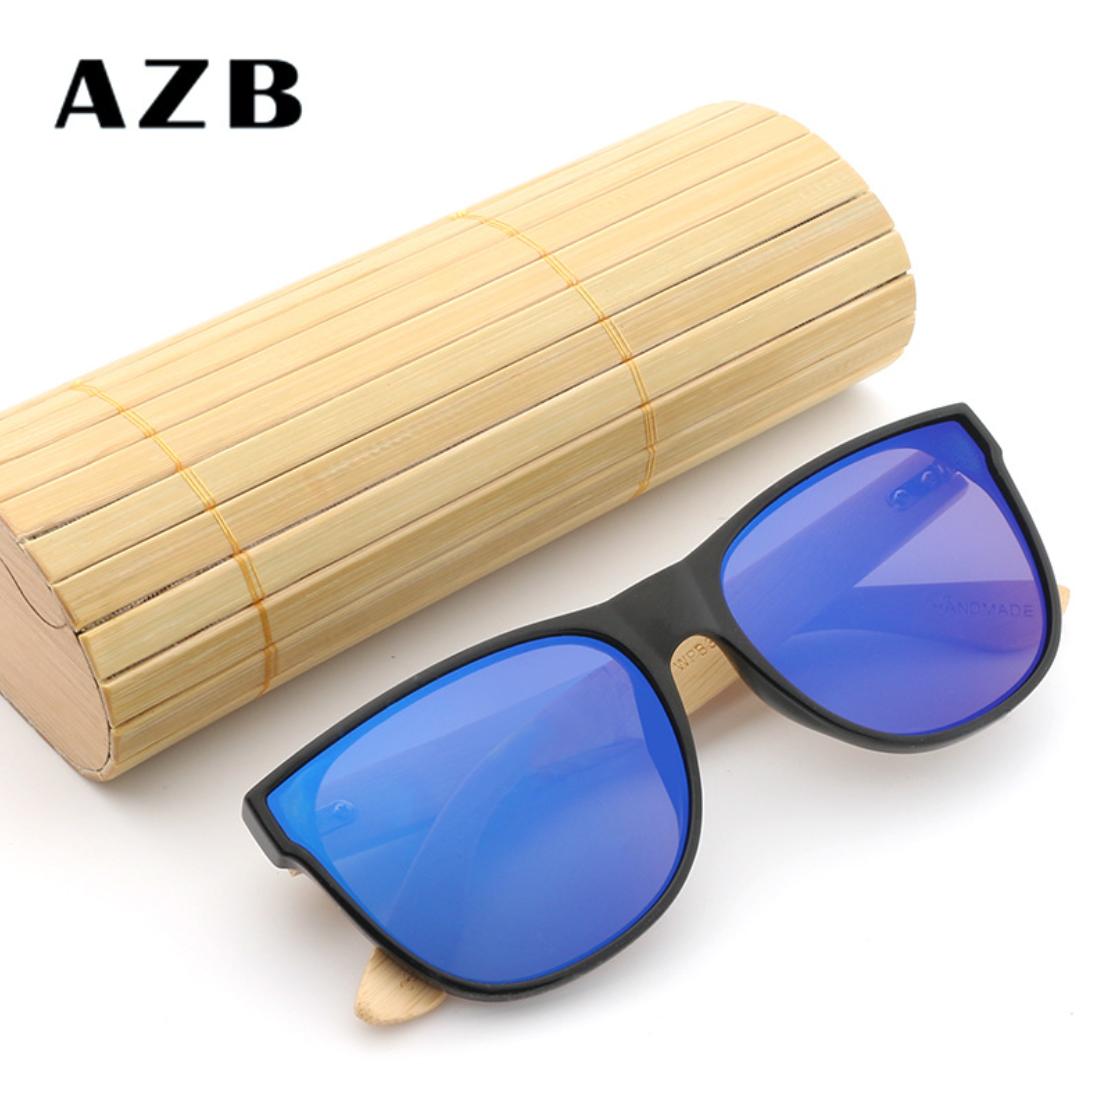 AZB 2018 Herren Polarisierte UV 400 Sonnenbrille Pilotenbrille Bambus retro blau HLcEJhFW